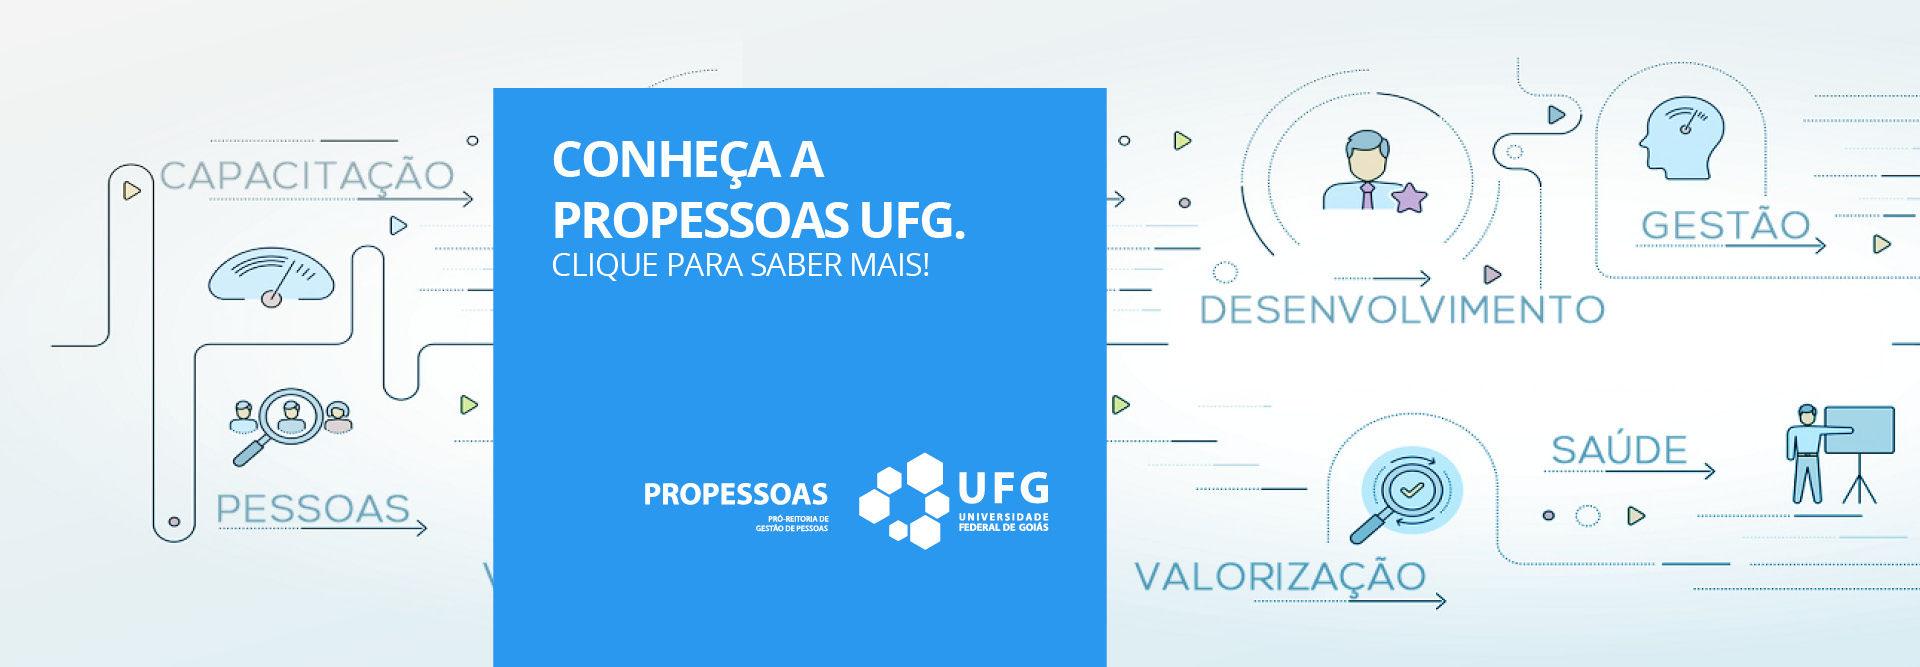 Banner APRESENTAÇÃO PROPESSOAS